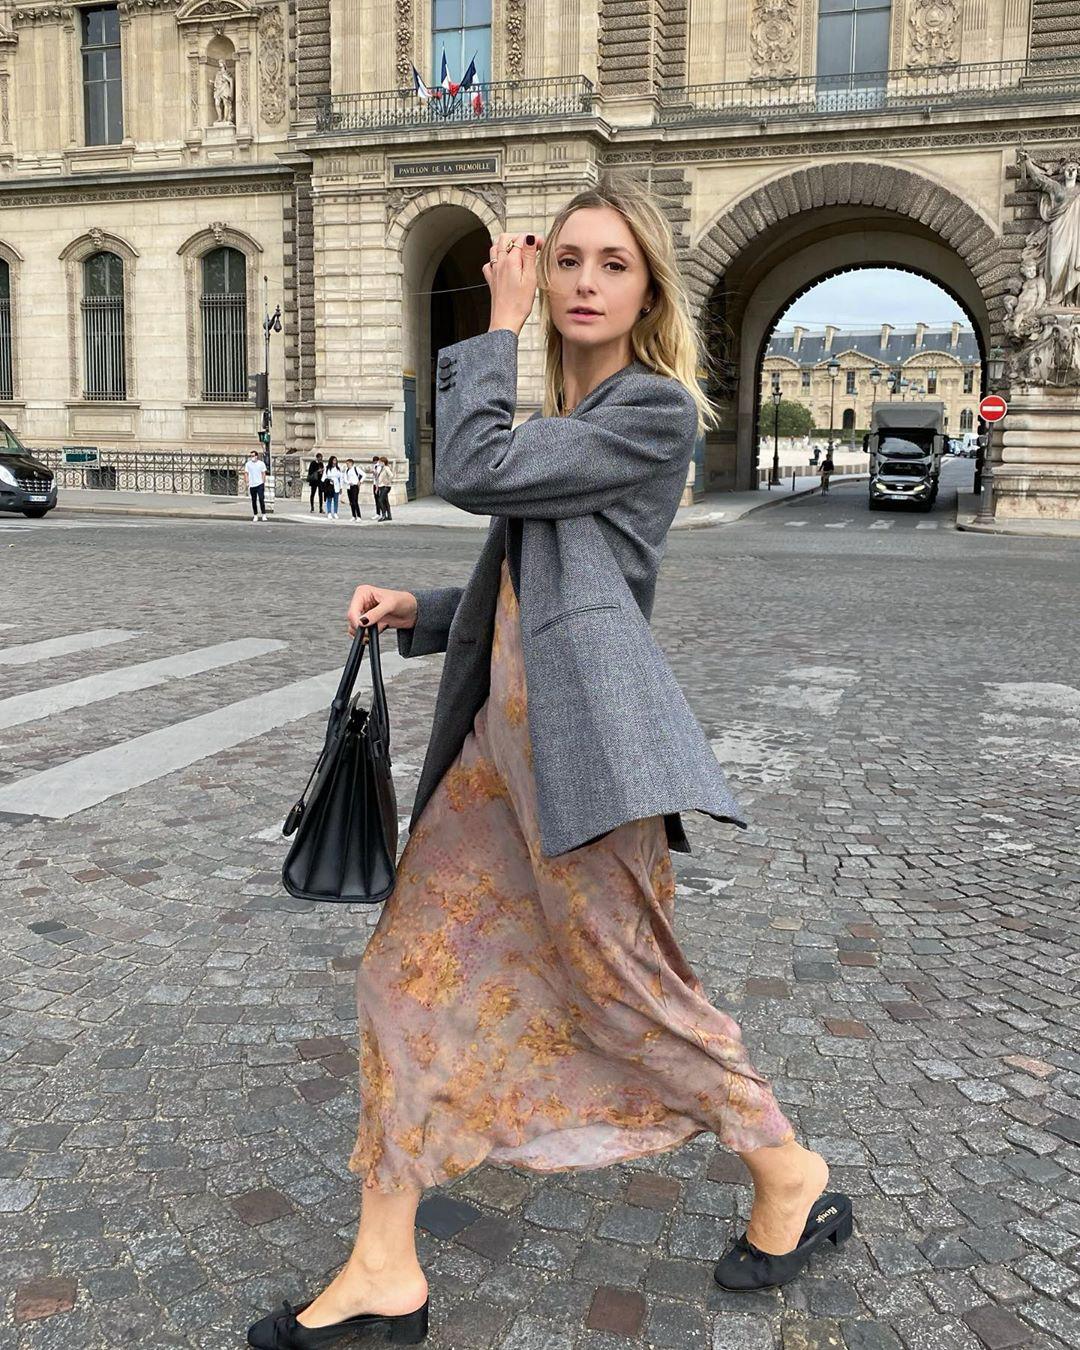 Trời se lạnh mà quẩy váy dáng dài là style sẽ yêu kiều như gái Pháp, điểm sang chảnh cũng tăng ngùn ngụt - Ảnh 6.